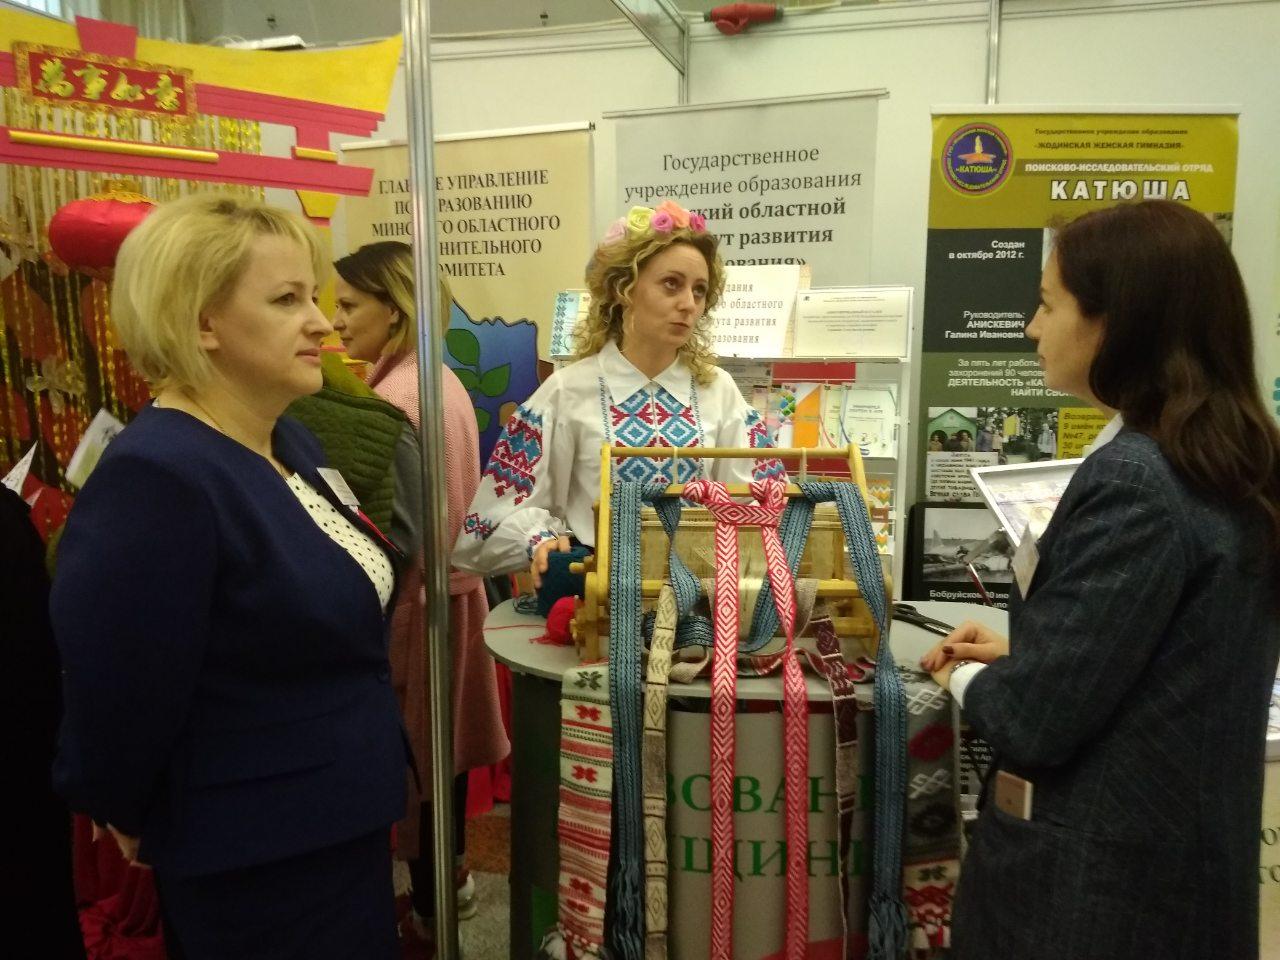 http://borisov.gov.by/media/k2/galleries/35240/__2__________.jpg